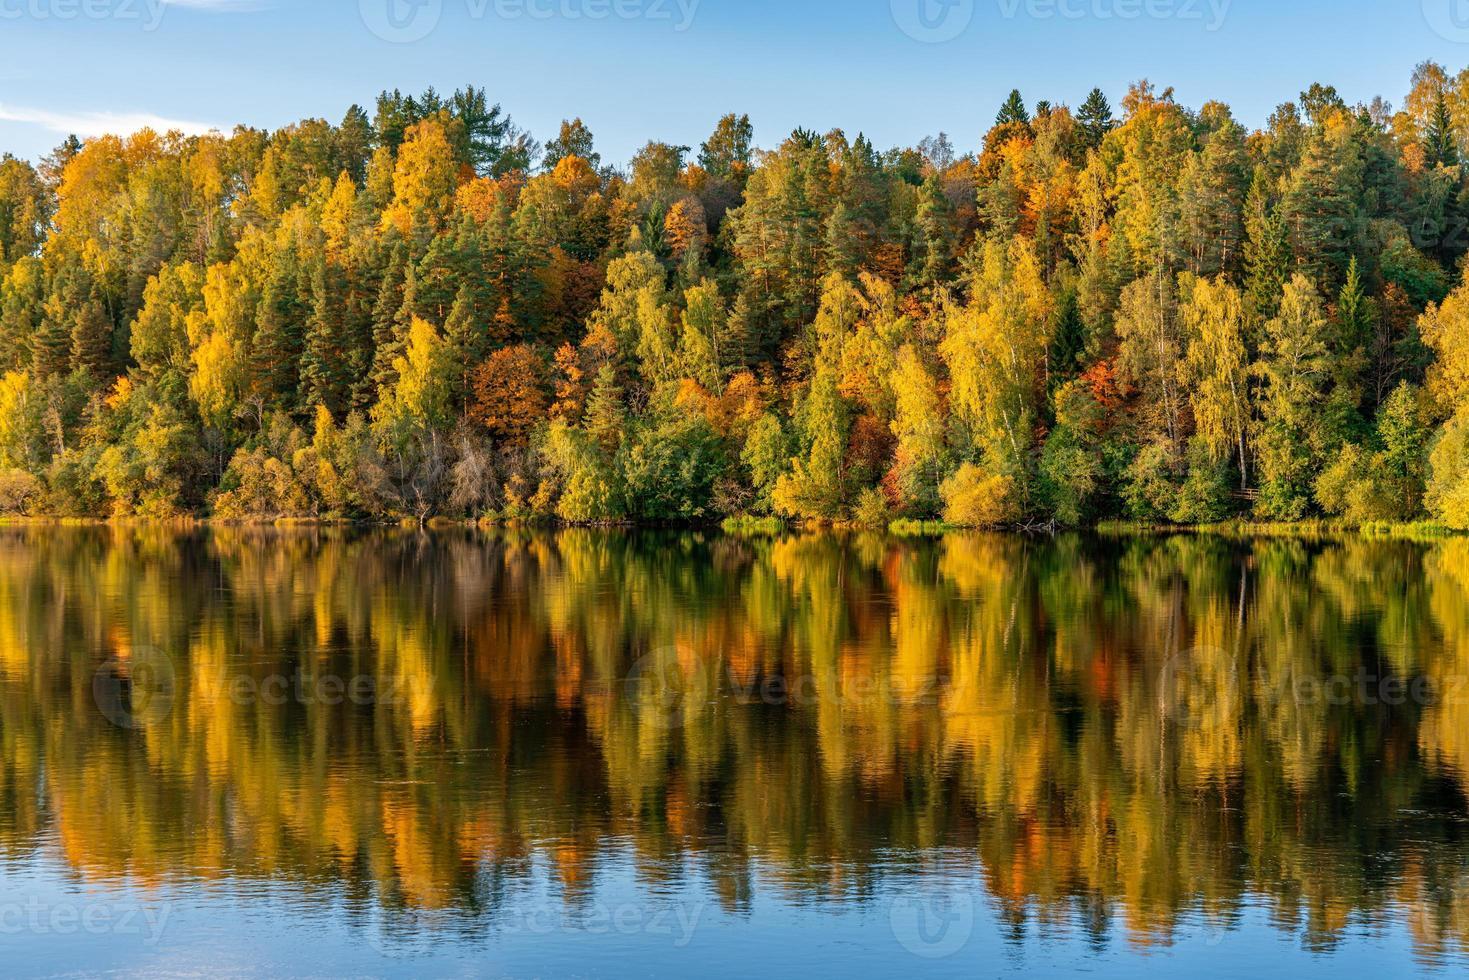 alberi colorati autunnali lungo un fiume incandescente alla luce del sole foto